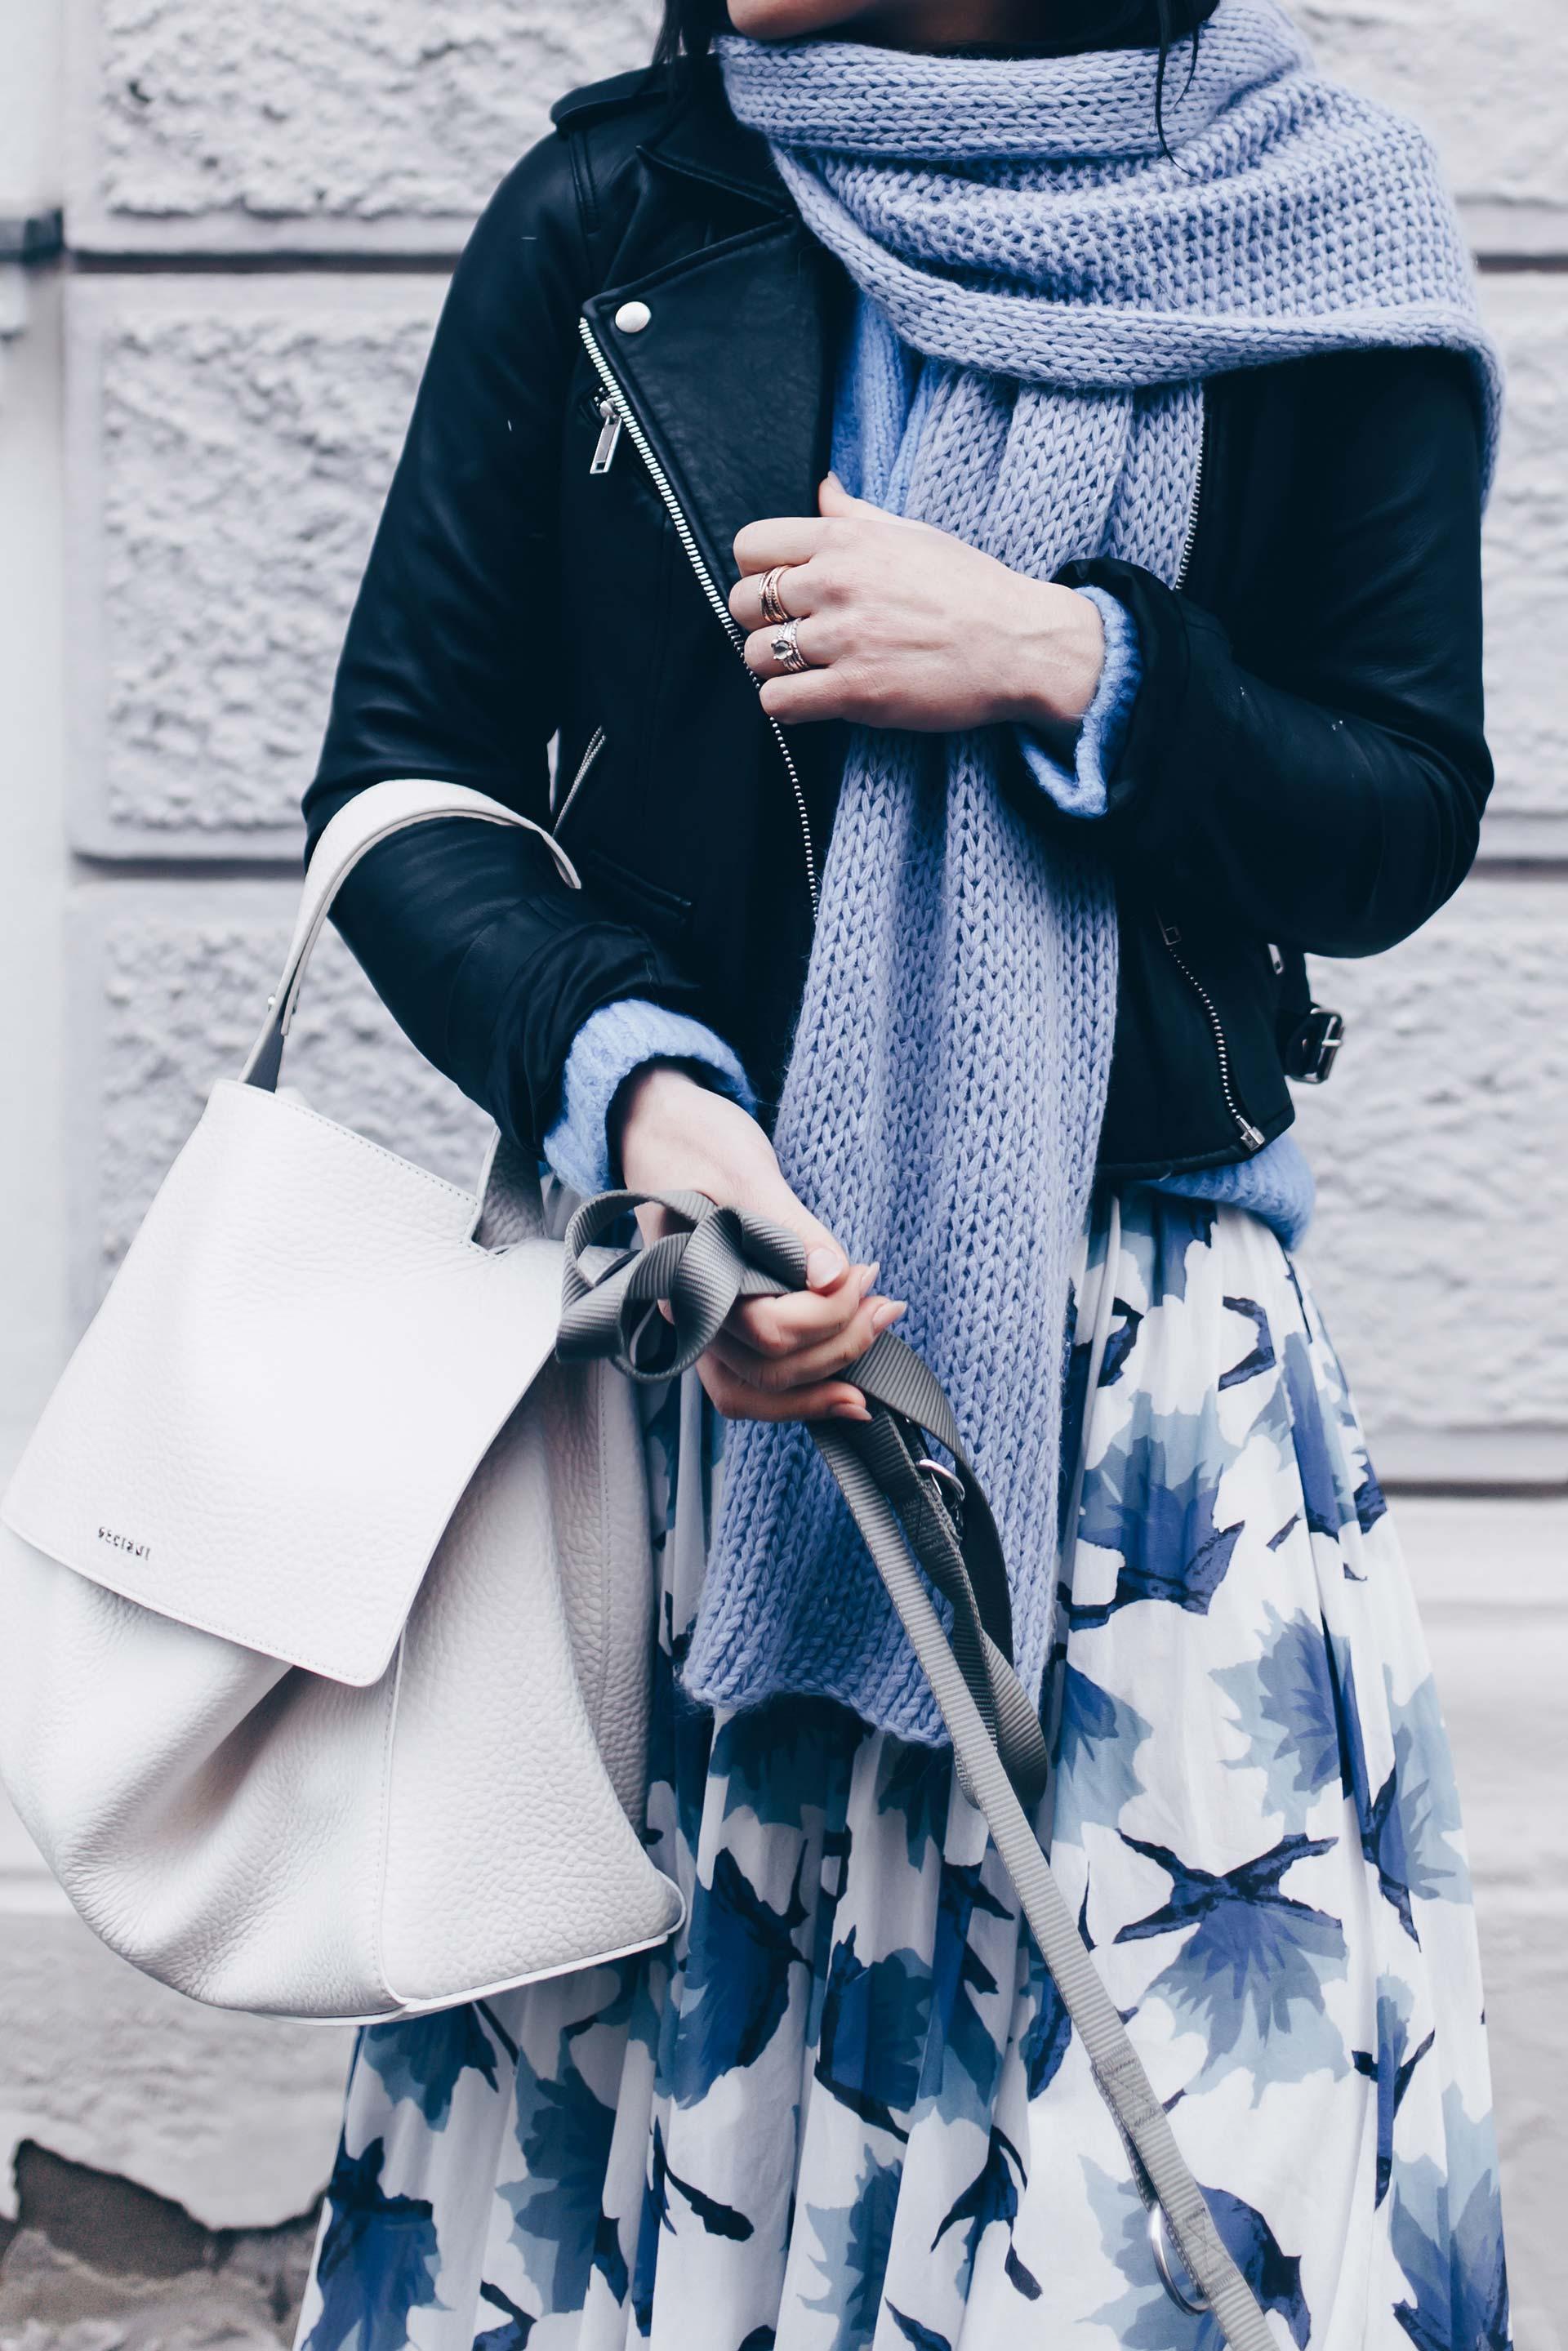 Frühlingsoutfit mit Rock, Lederjacke und Statement Sneakers von Chloe, Orciani Tasche, Chloe Sneakers, Streetstyle, Lederjacke kombinieren, Fashion Blog, Modeblog, www.whoismocca.com